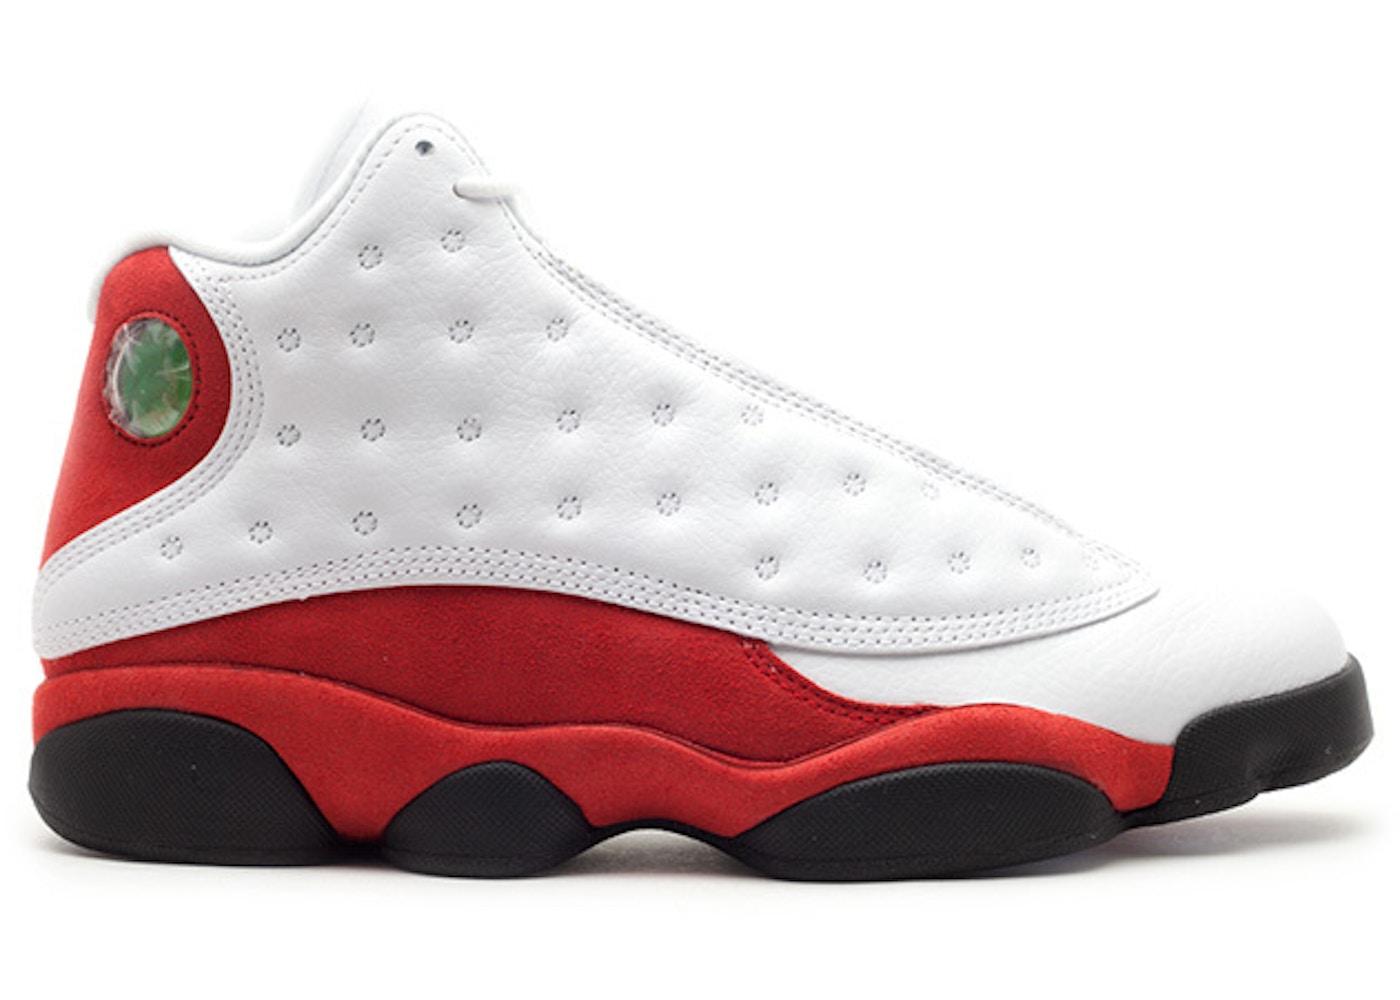 c46b64b1cbe2 Jordan 13 OG Cherry (1998) - 136002-101